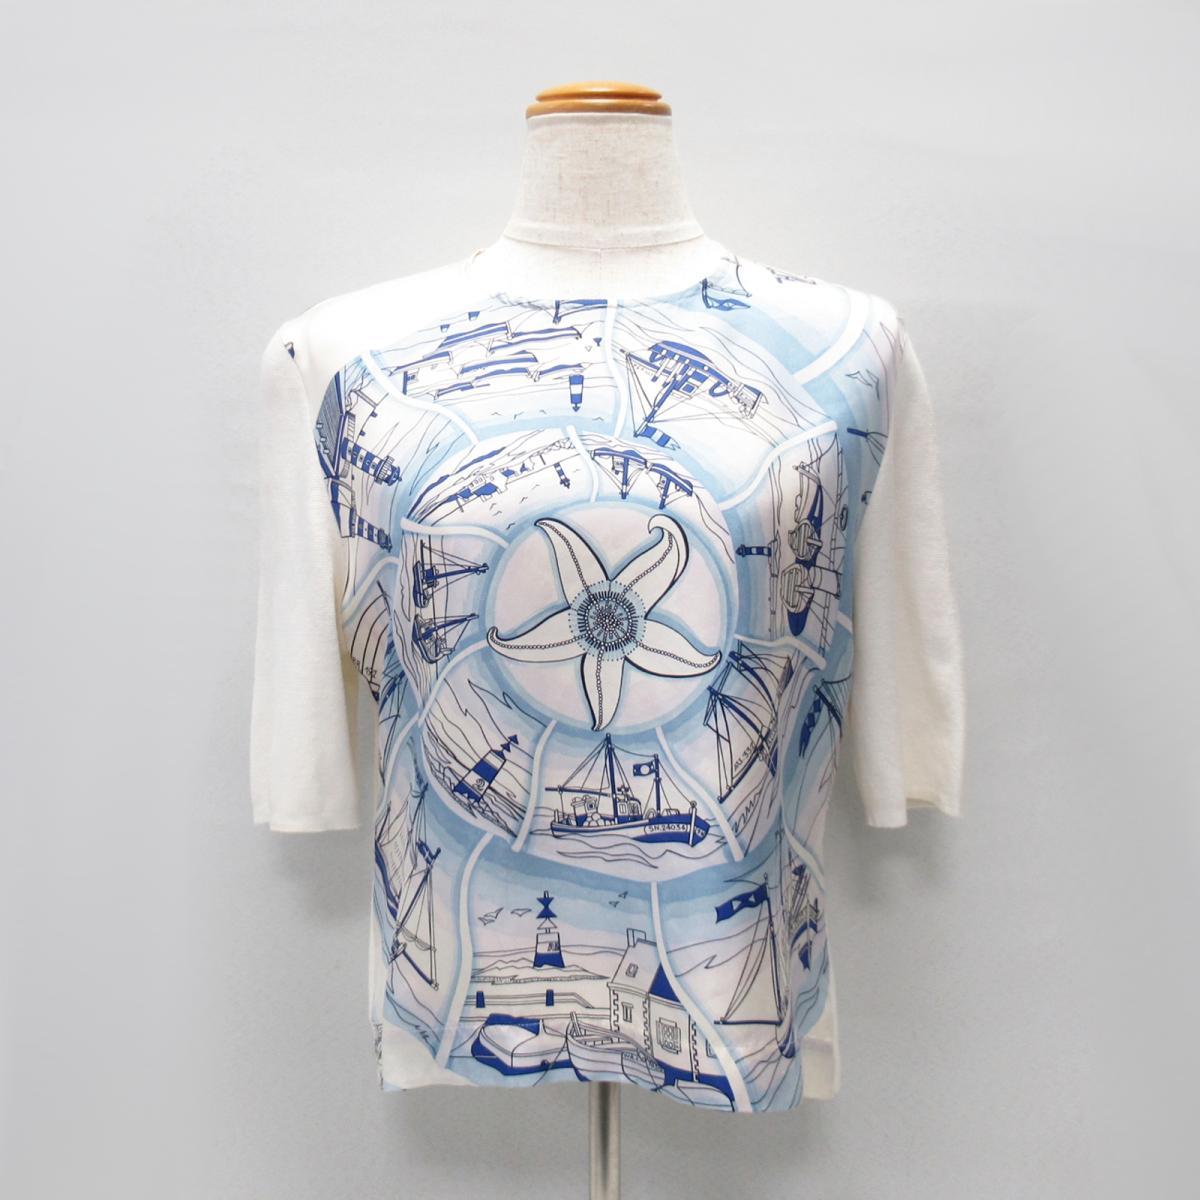 【中古】 エルメス トップス レディース シルク コットン ホワイト | HERMES BRANDOFF ブランドオフ 衣料品 衣類 ブランド